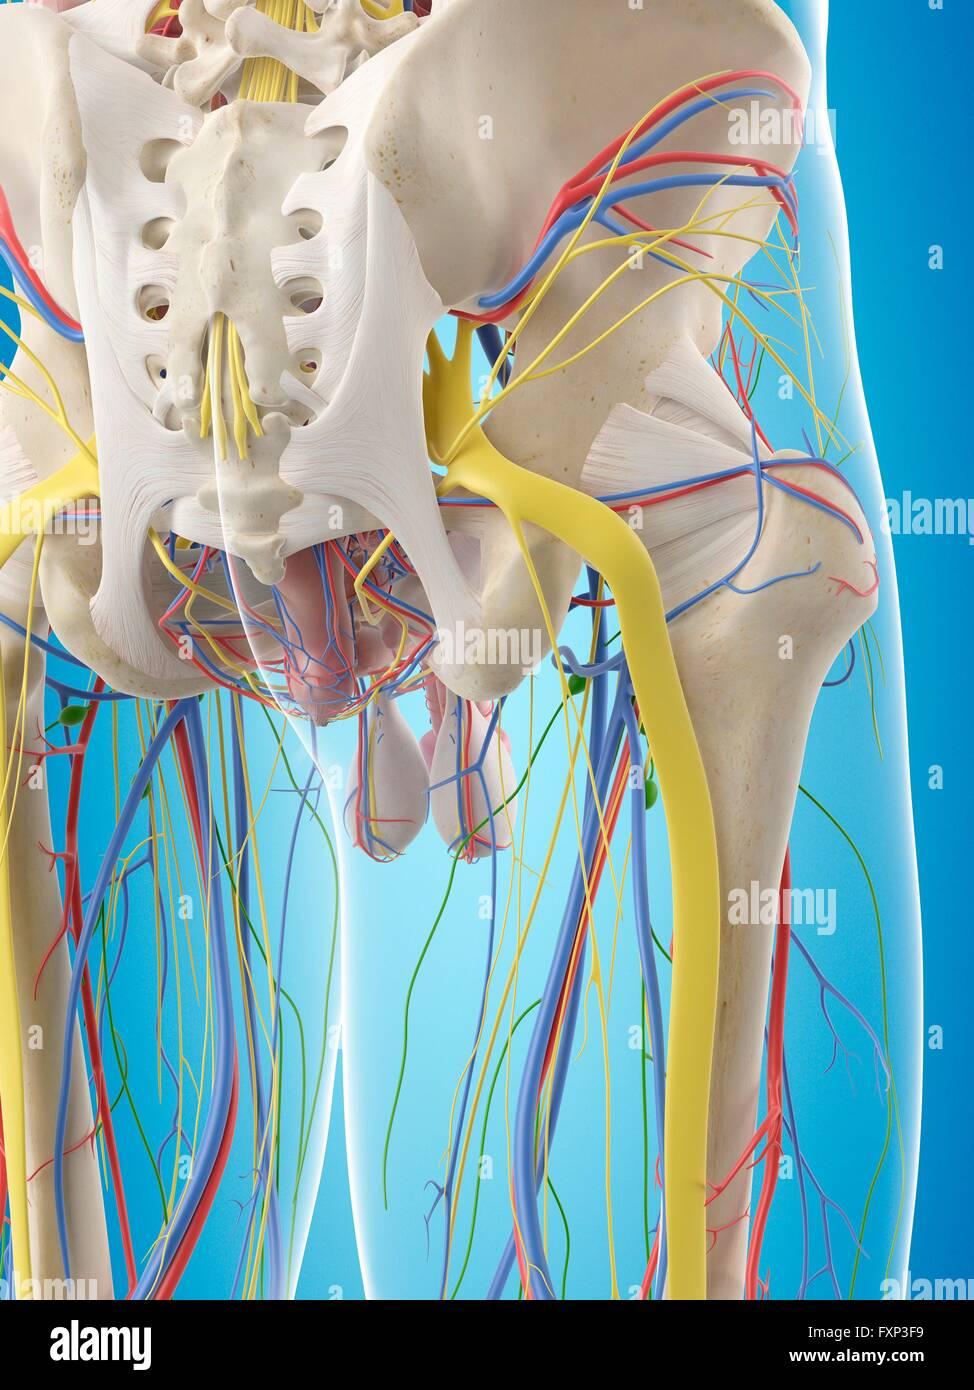 Ausgezeichnet Becken Bonebild Galerie - Menschliche Anatomie Bilder ...